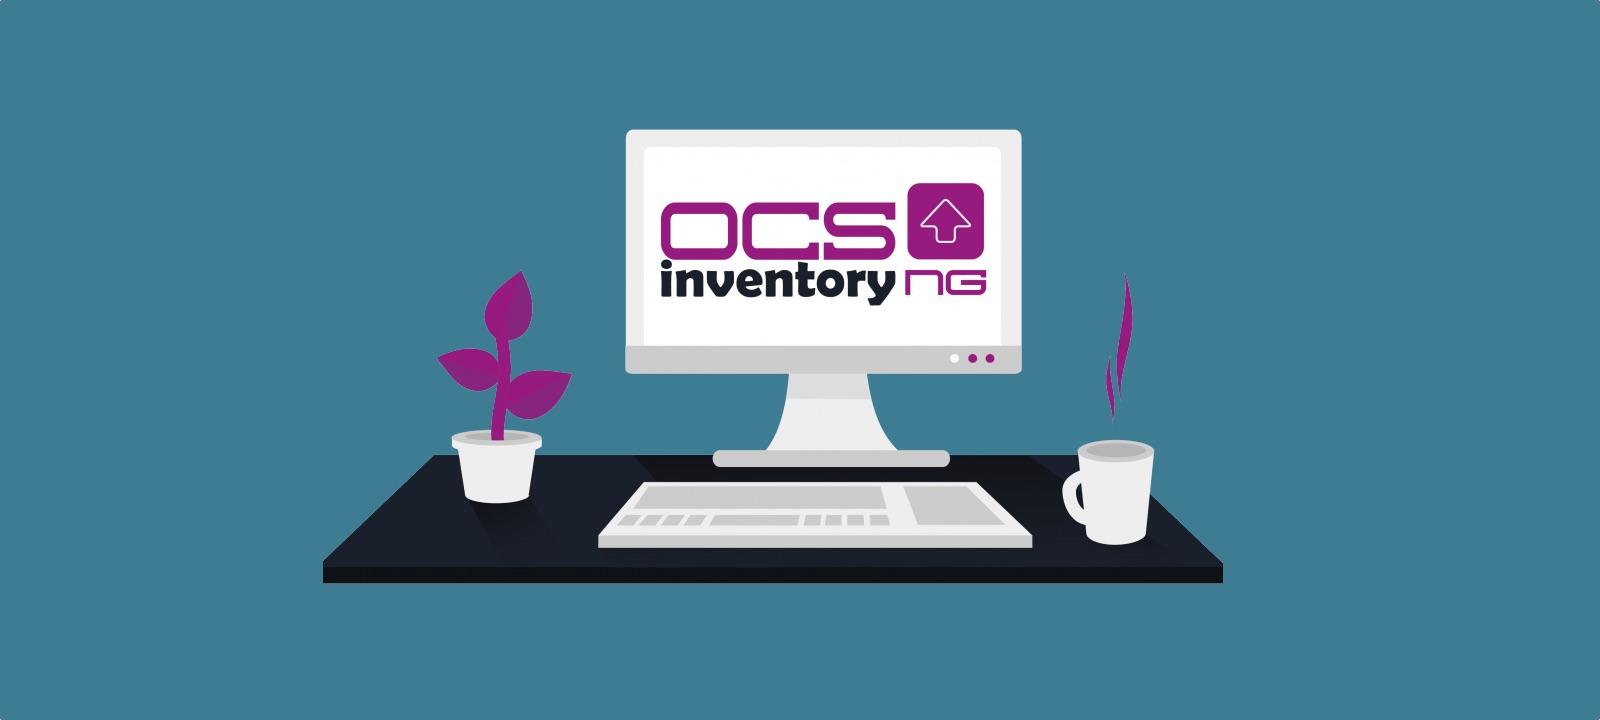 Конкурс хаков: как поставить и настроить Inventory NG